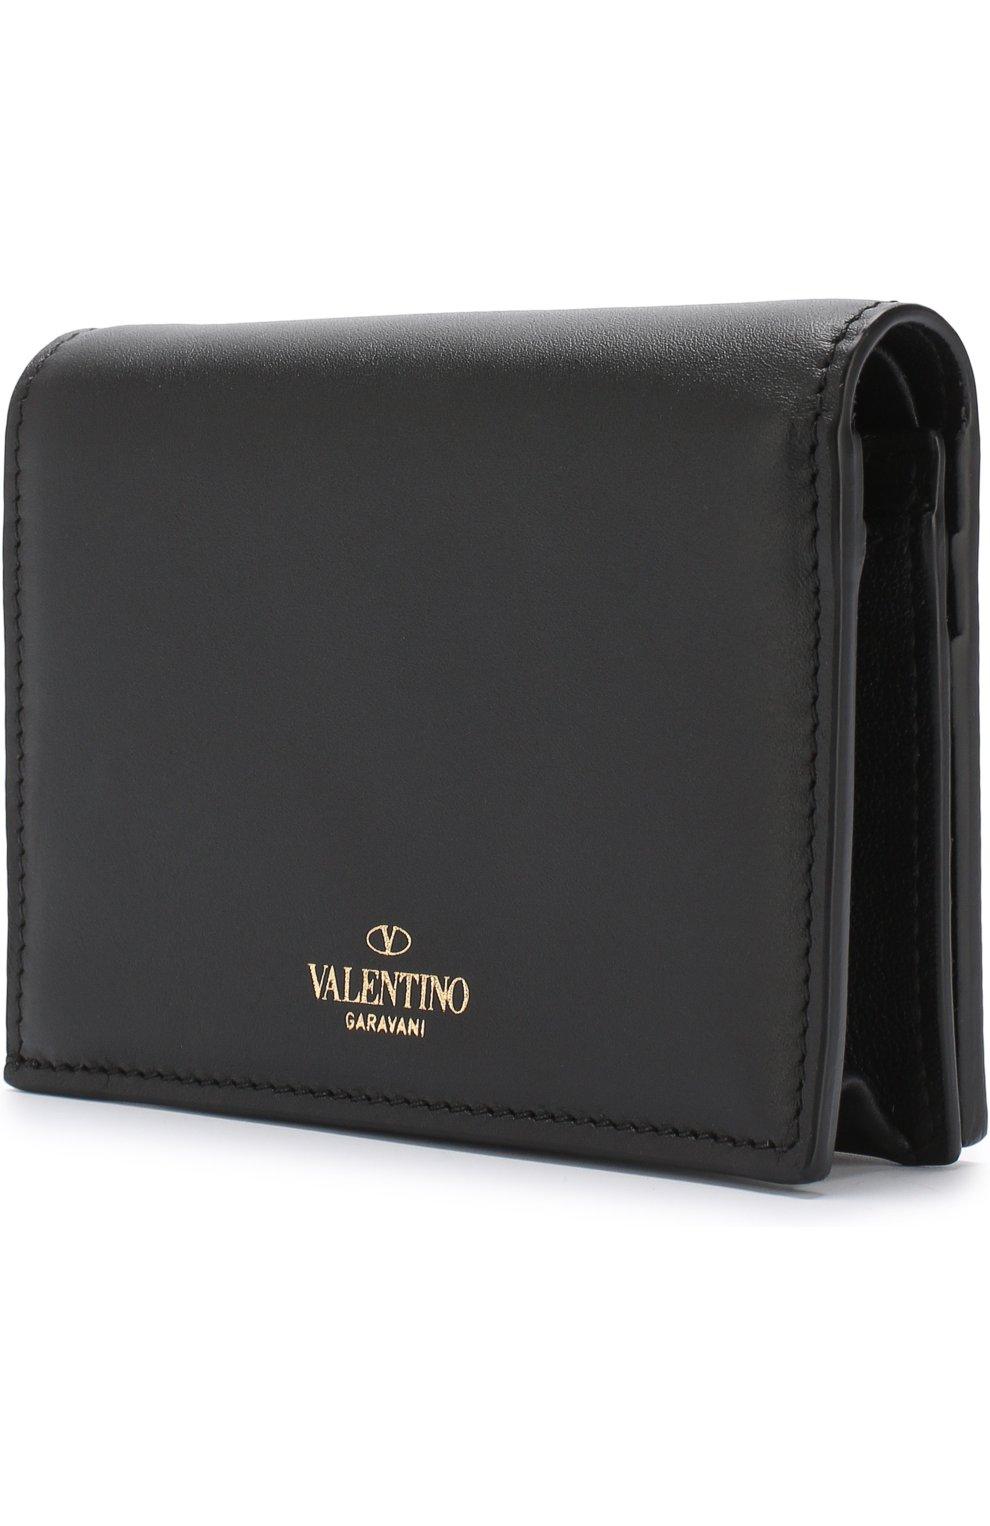 Кожаный кошелек с принтом Valentino Garavani Valentino черно-белого цвета | Фото №2